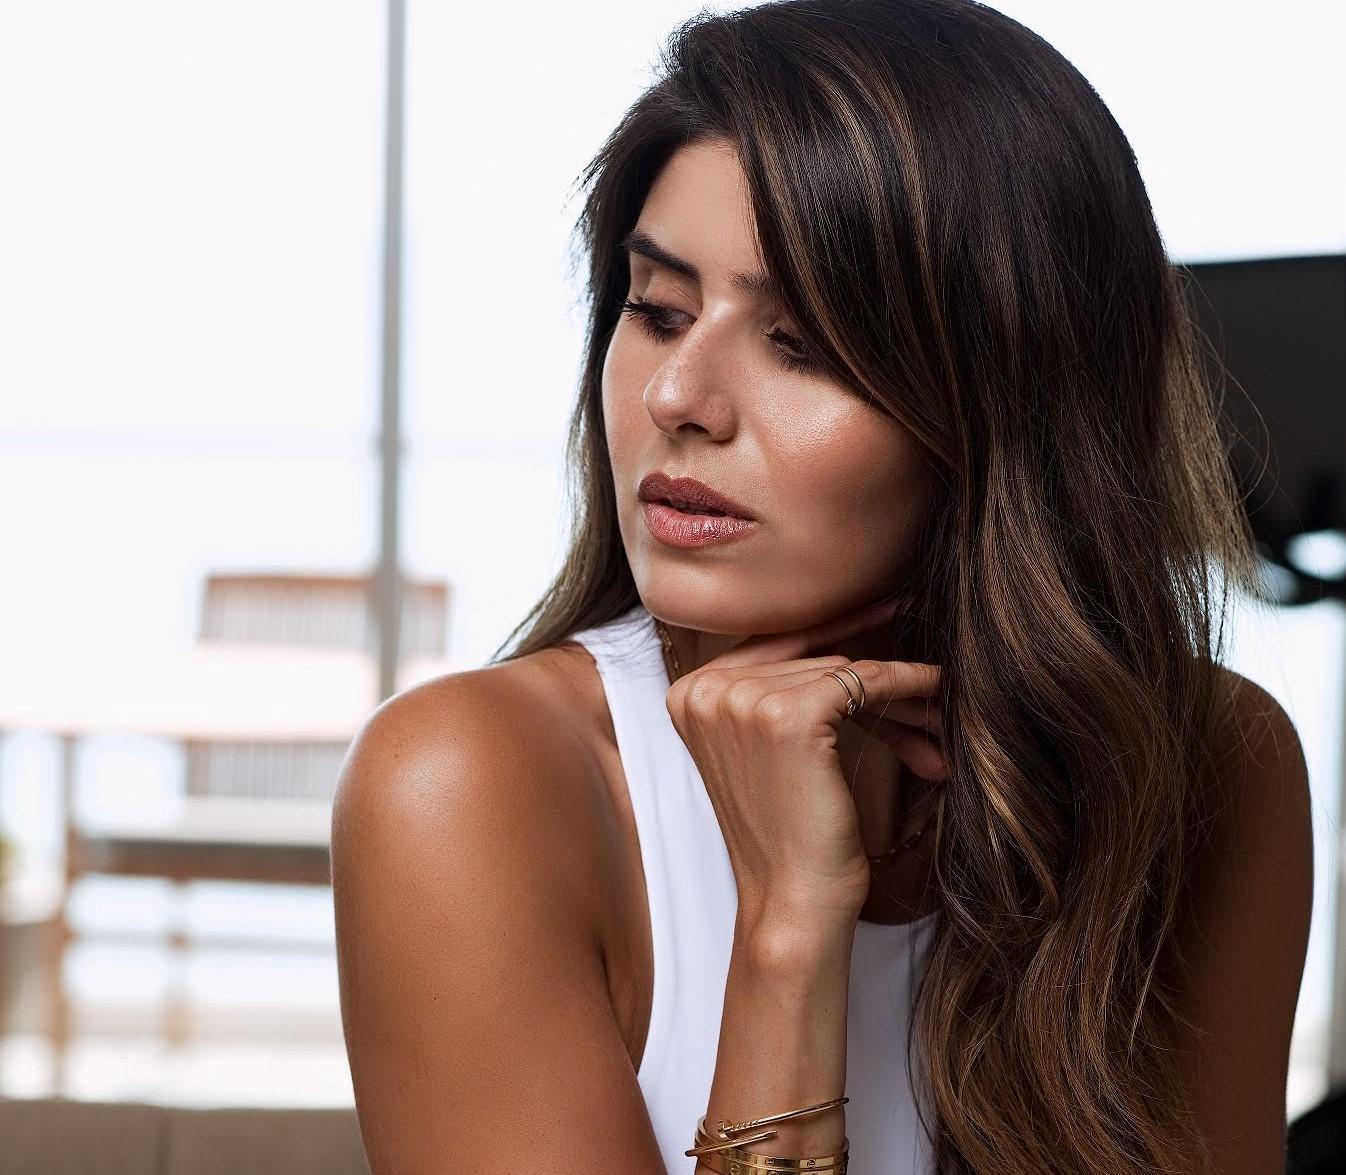 Natalie Kouzouyan